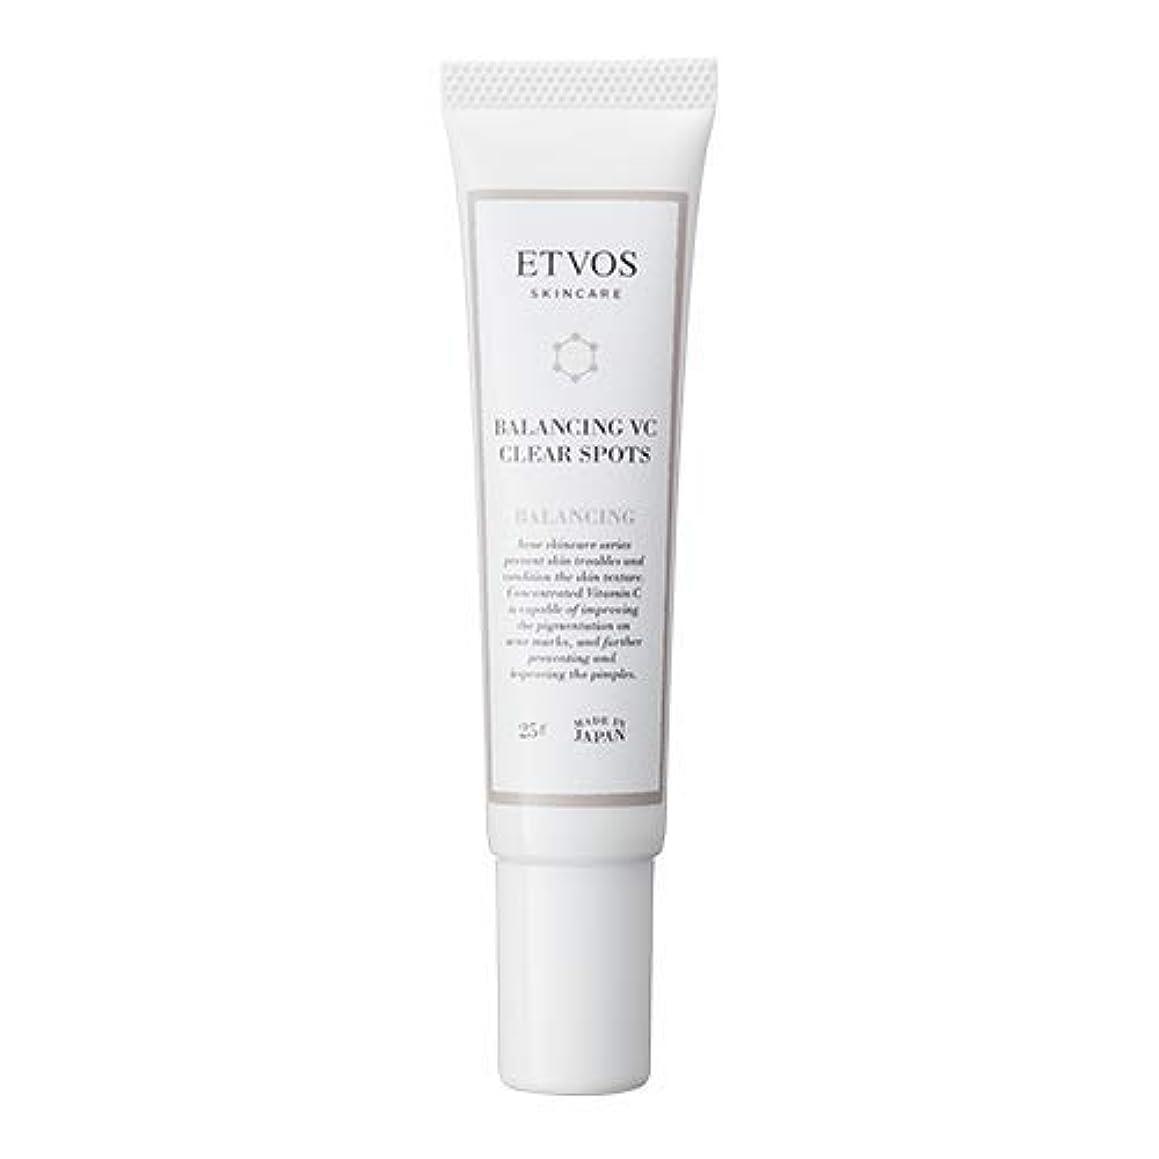 適応するどこインテリアETVOS(エトヴォス) 肌荒れ防止美容液 バランシングVCクリアスポッツ 25g アゼライン酸 おでこ/あご/頭皮